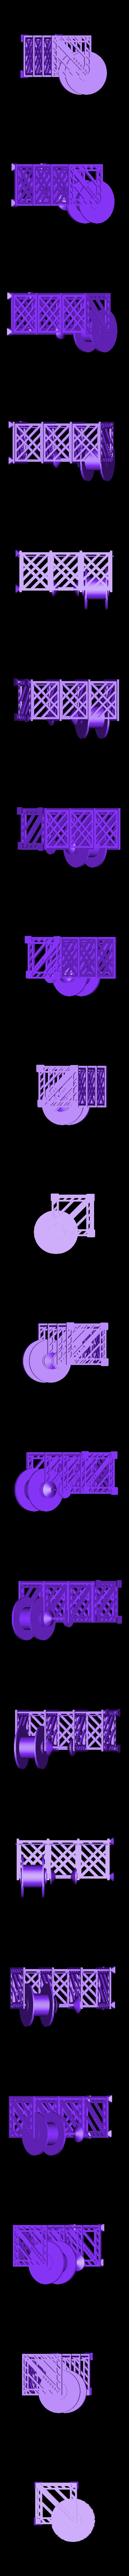 assembly_standing-just_for_watching.stl Télécharger fichier STL gratuit Porte-bobine à filament modulaire • Plan à imprimer en 3D, Qelorliss